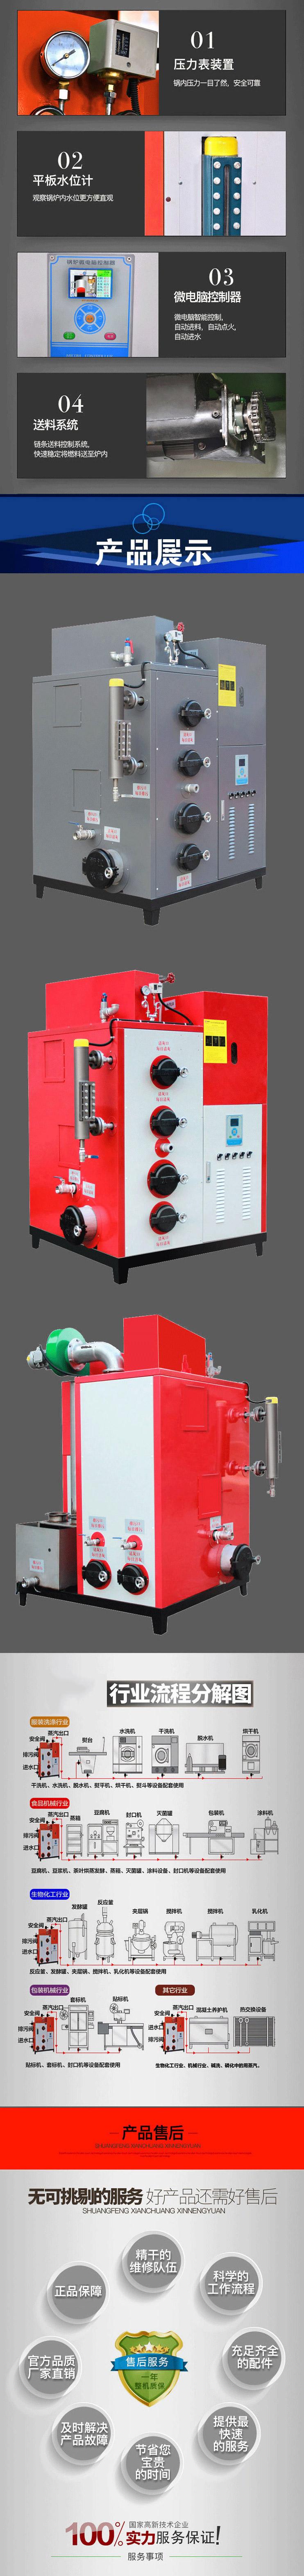 蒸汽发生器_150公斤蒸汽发生器-生物质蒸汽发生器-环保蒸汽2.jpg